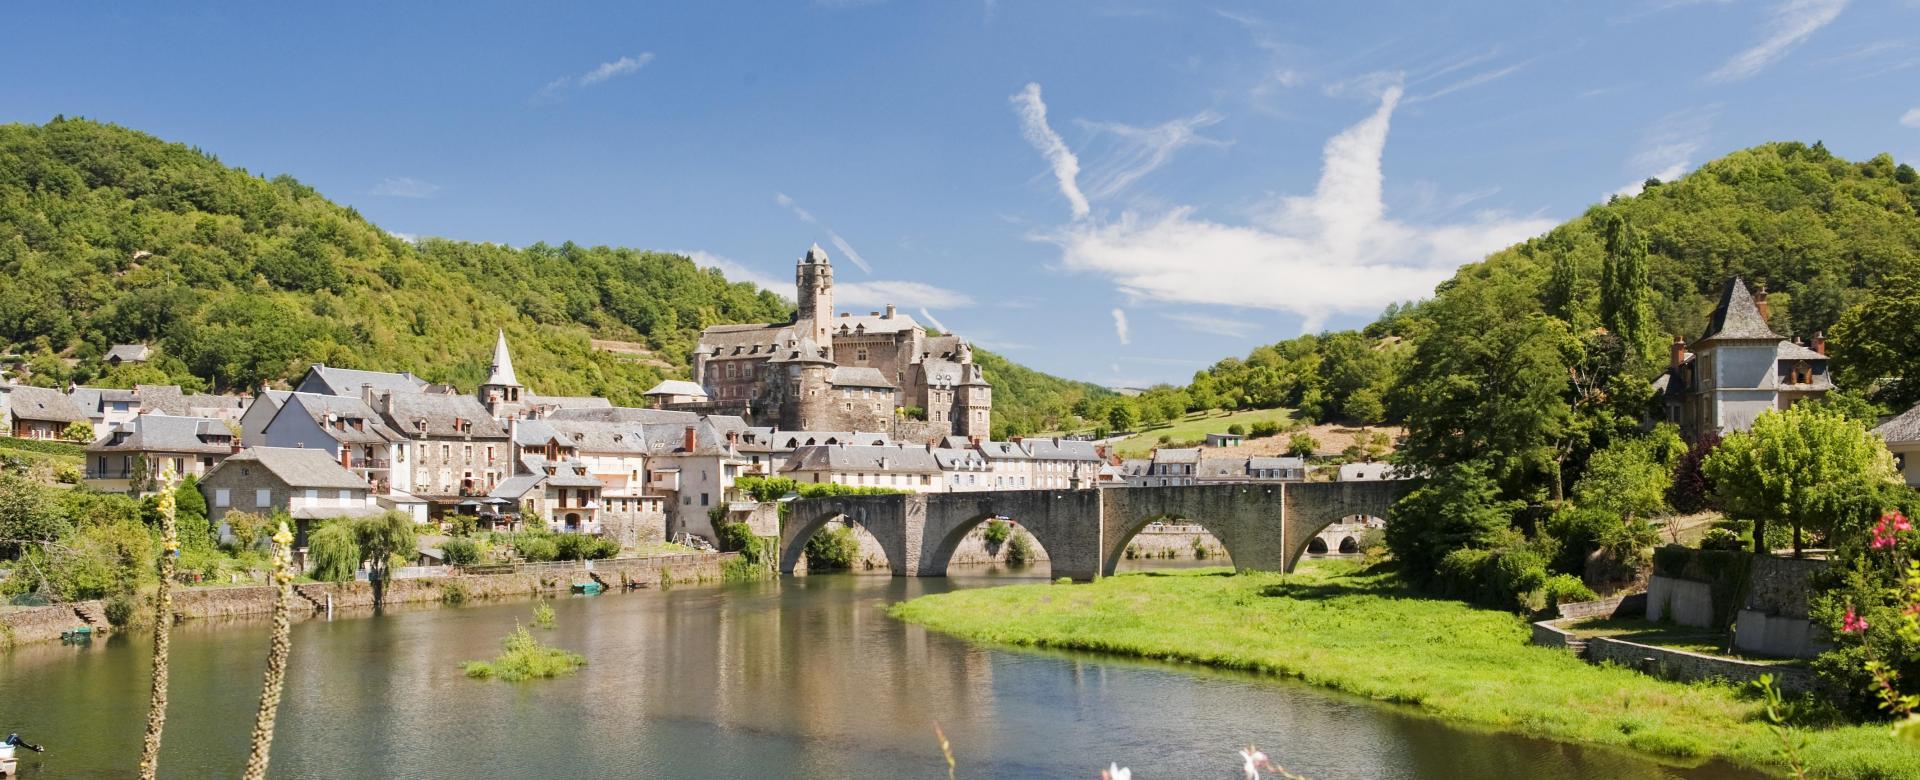 Voyage à pied France : Compostelle : via podiensis nasbinals-conques